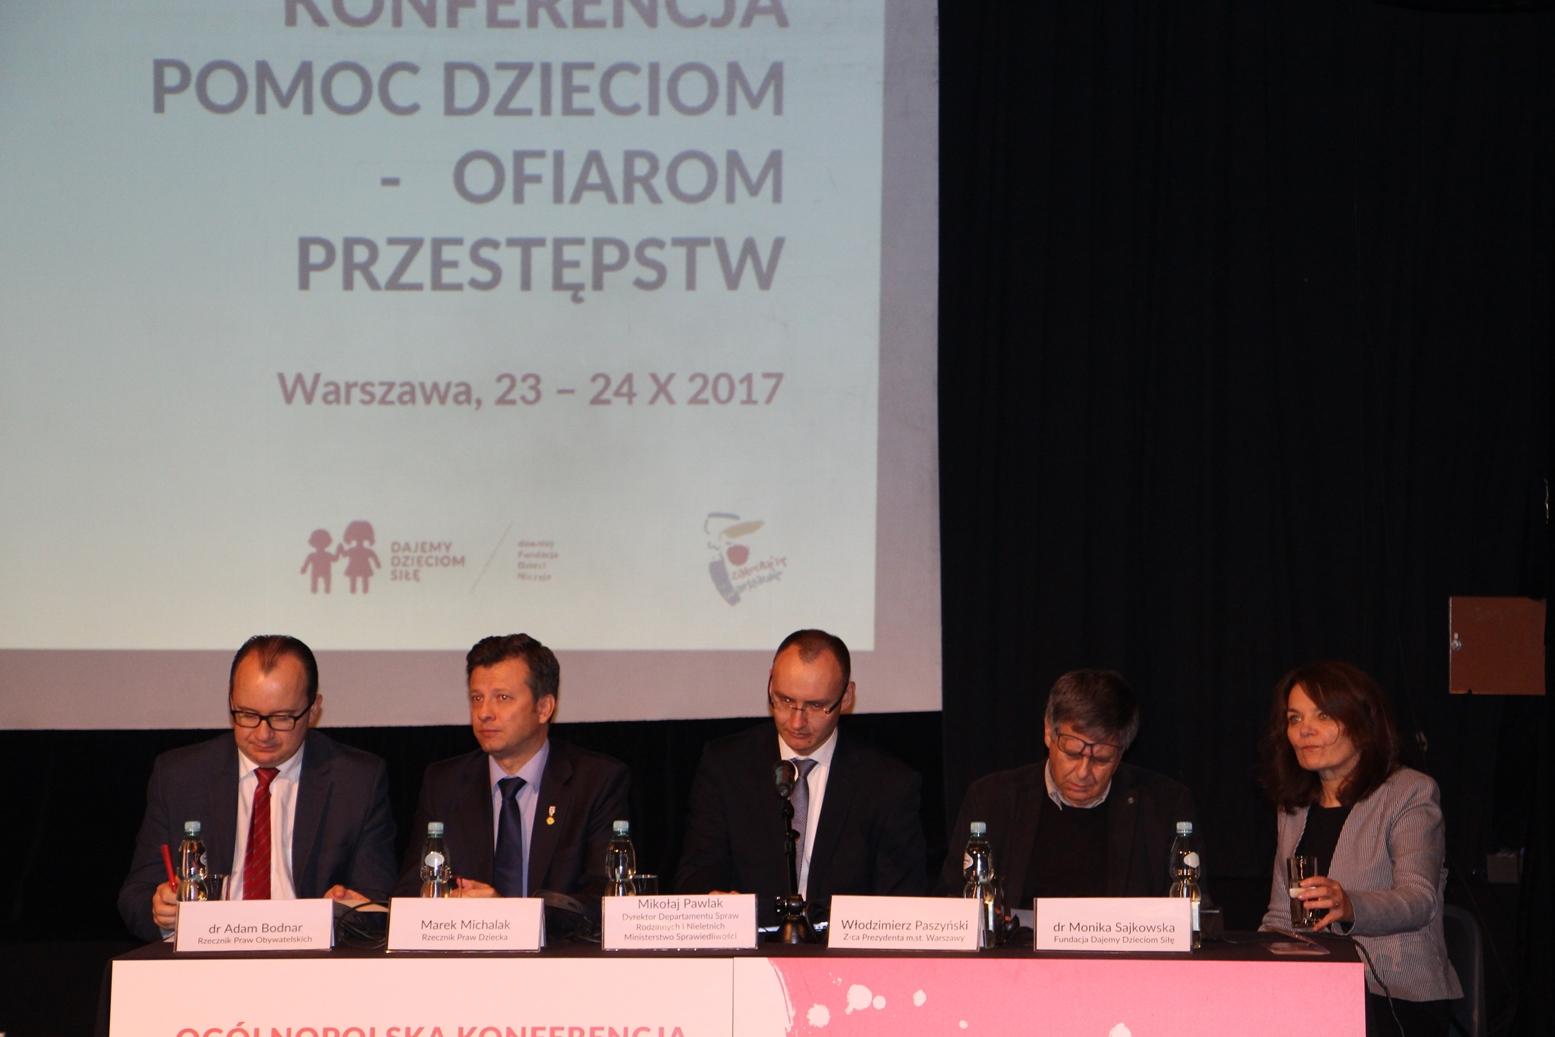 Adam Bodnar, Marek Michalak, Mikołaj Pawlak, Włodzimierz Paszyński, Monika Sajkowska